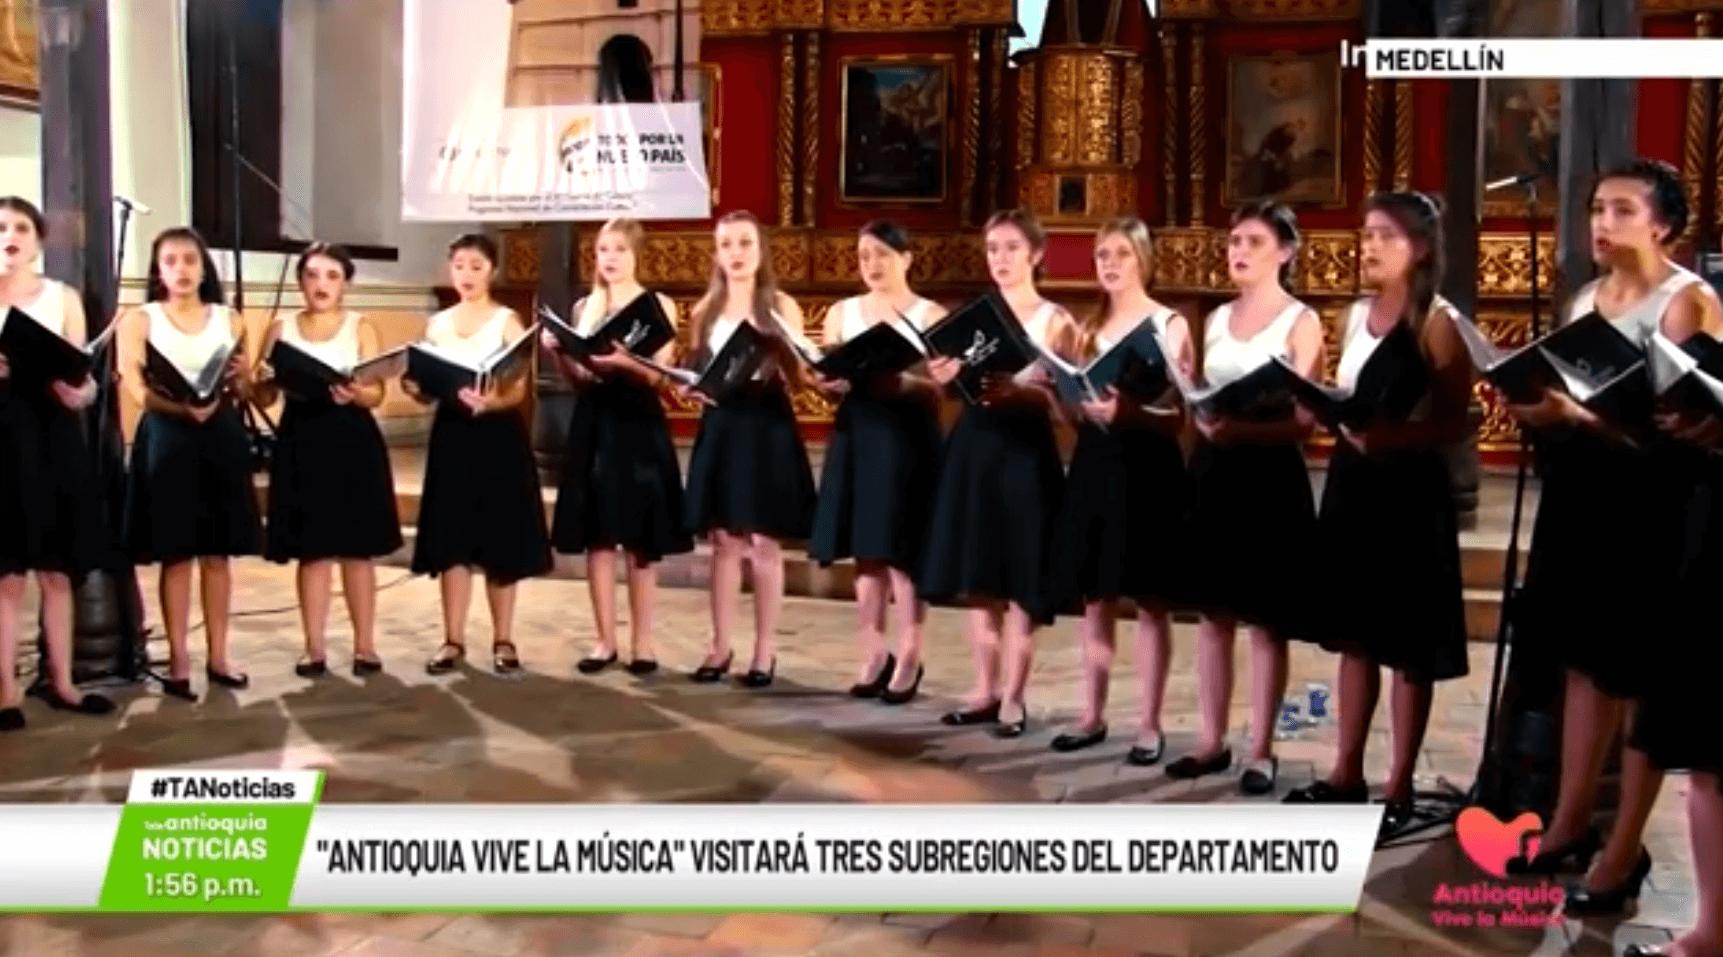 'Antioquia vive la música' visitará tres subregiones del departamento